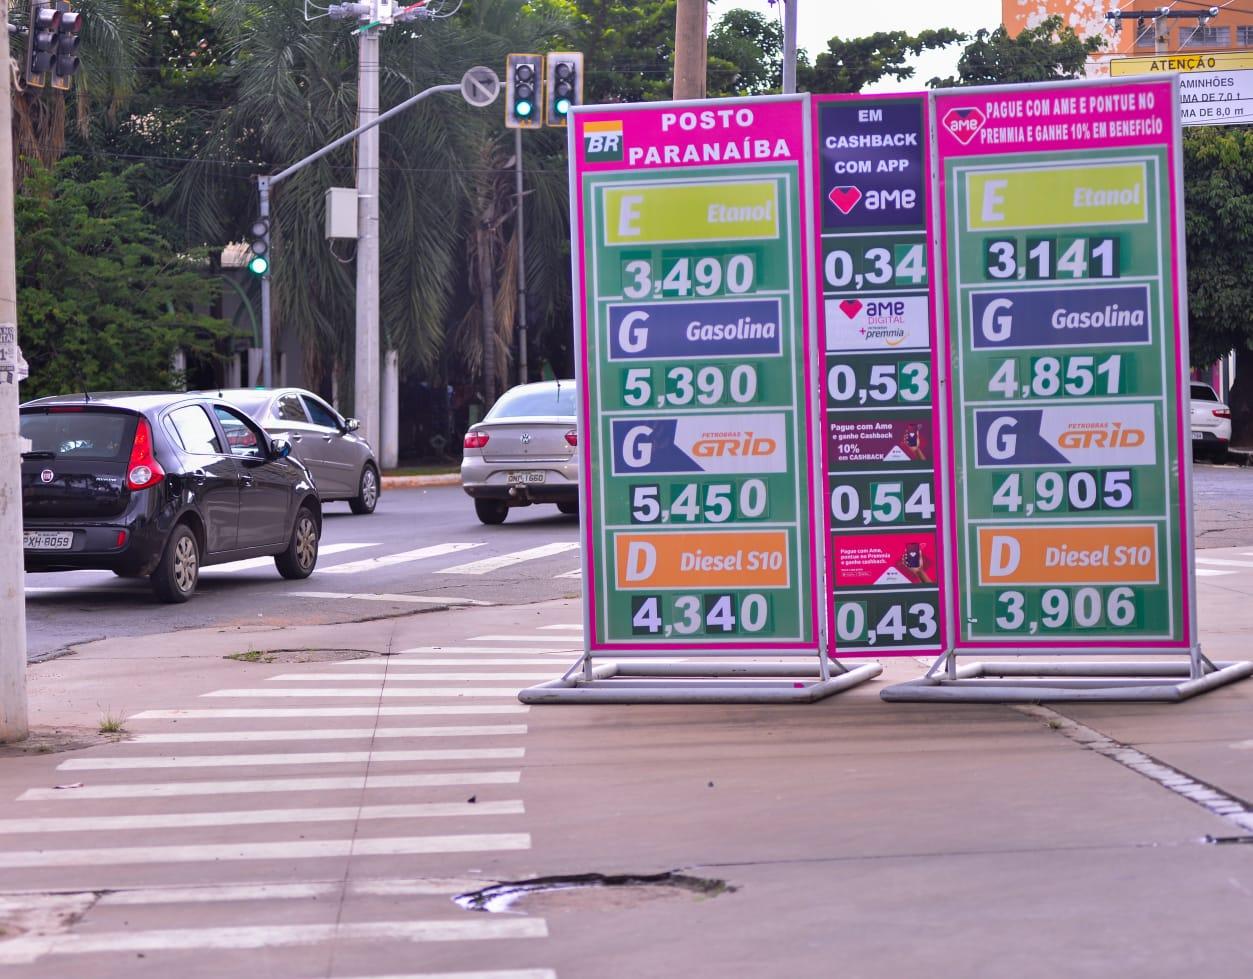 No Centro, estabelecimento fez questão de mostrar variação de preços (Foto: Jucimar de Sousa/Mais Goiás)